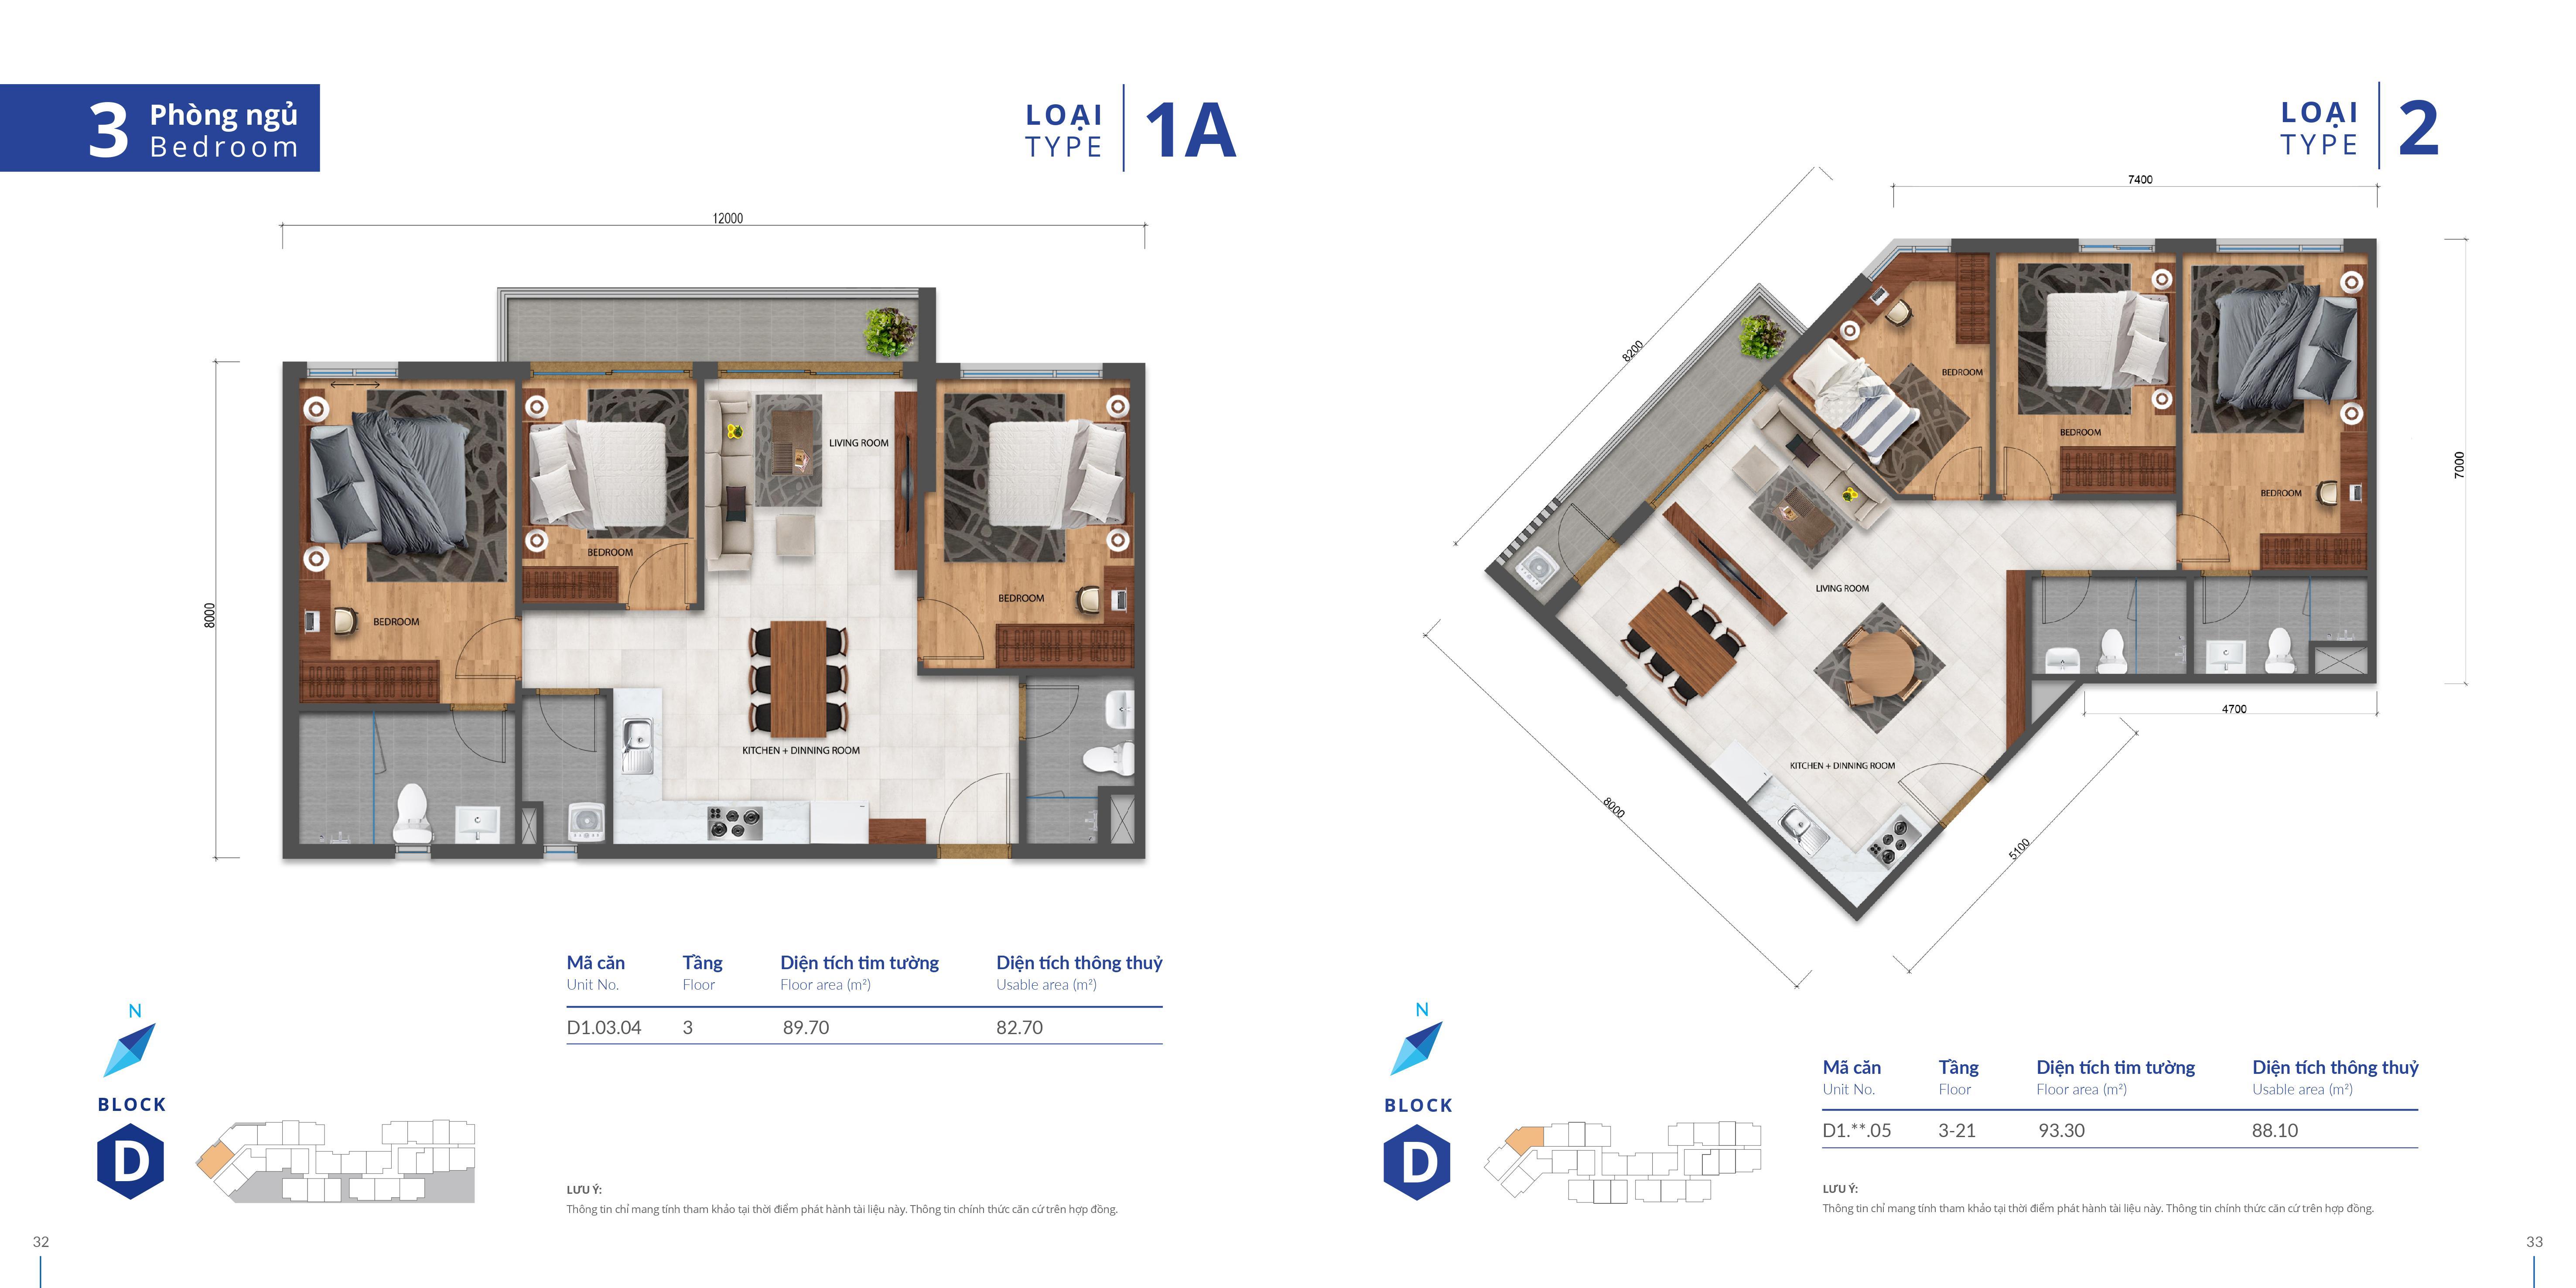 thiết kế căn hộ safira 3 phòng ngủ